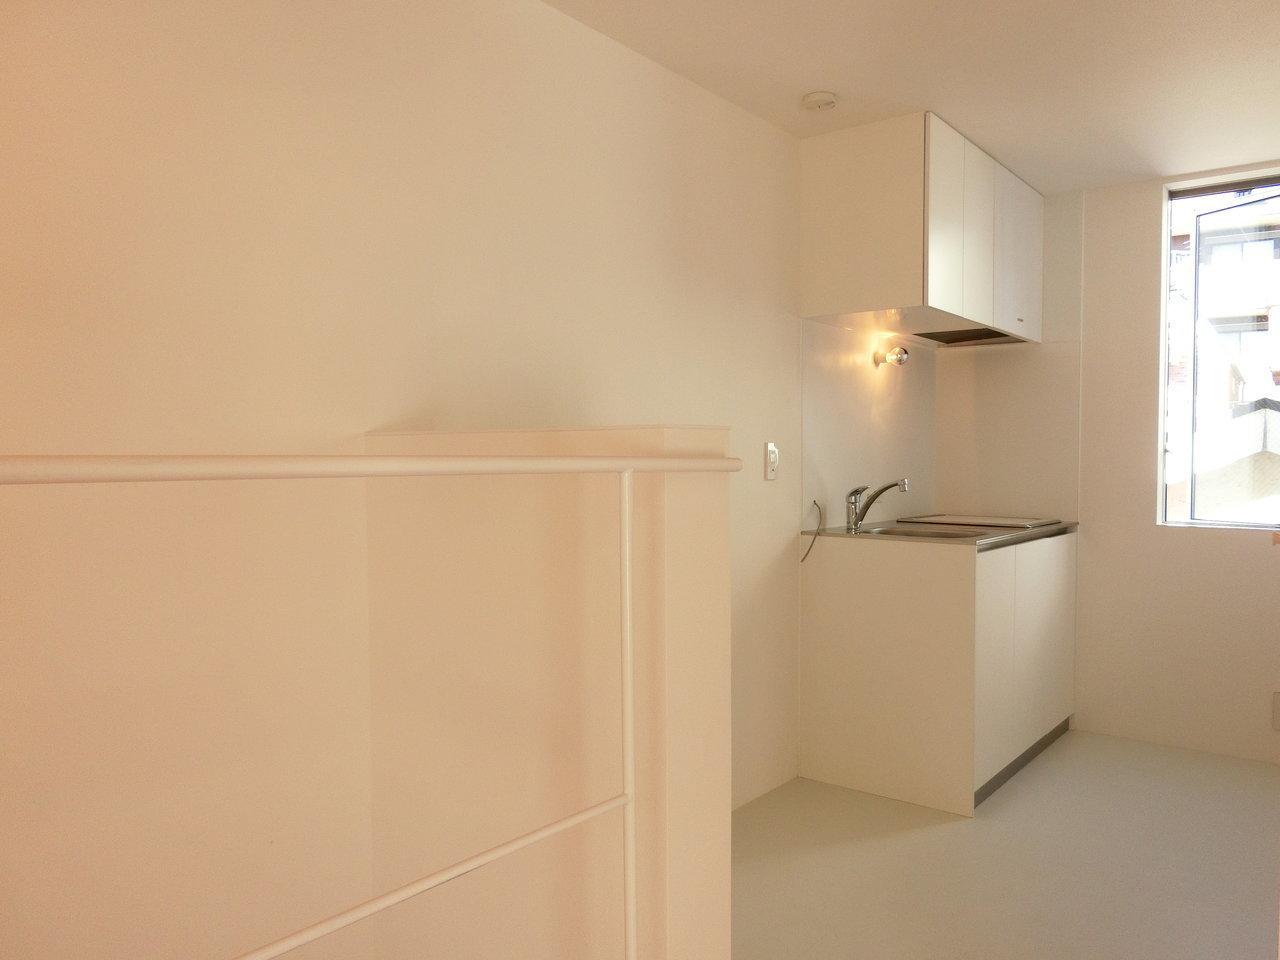 キッチン周りは白を基調としていて、シンプルな造りに。冷蔵庫スぺ―スもしっかりとられていて、全体的に広々とした空間です。